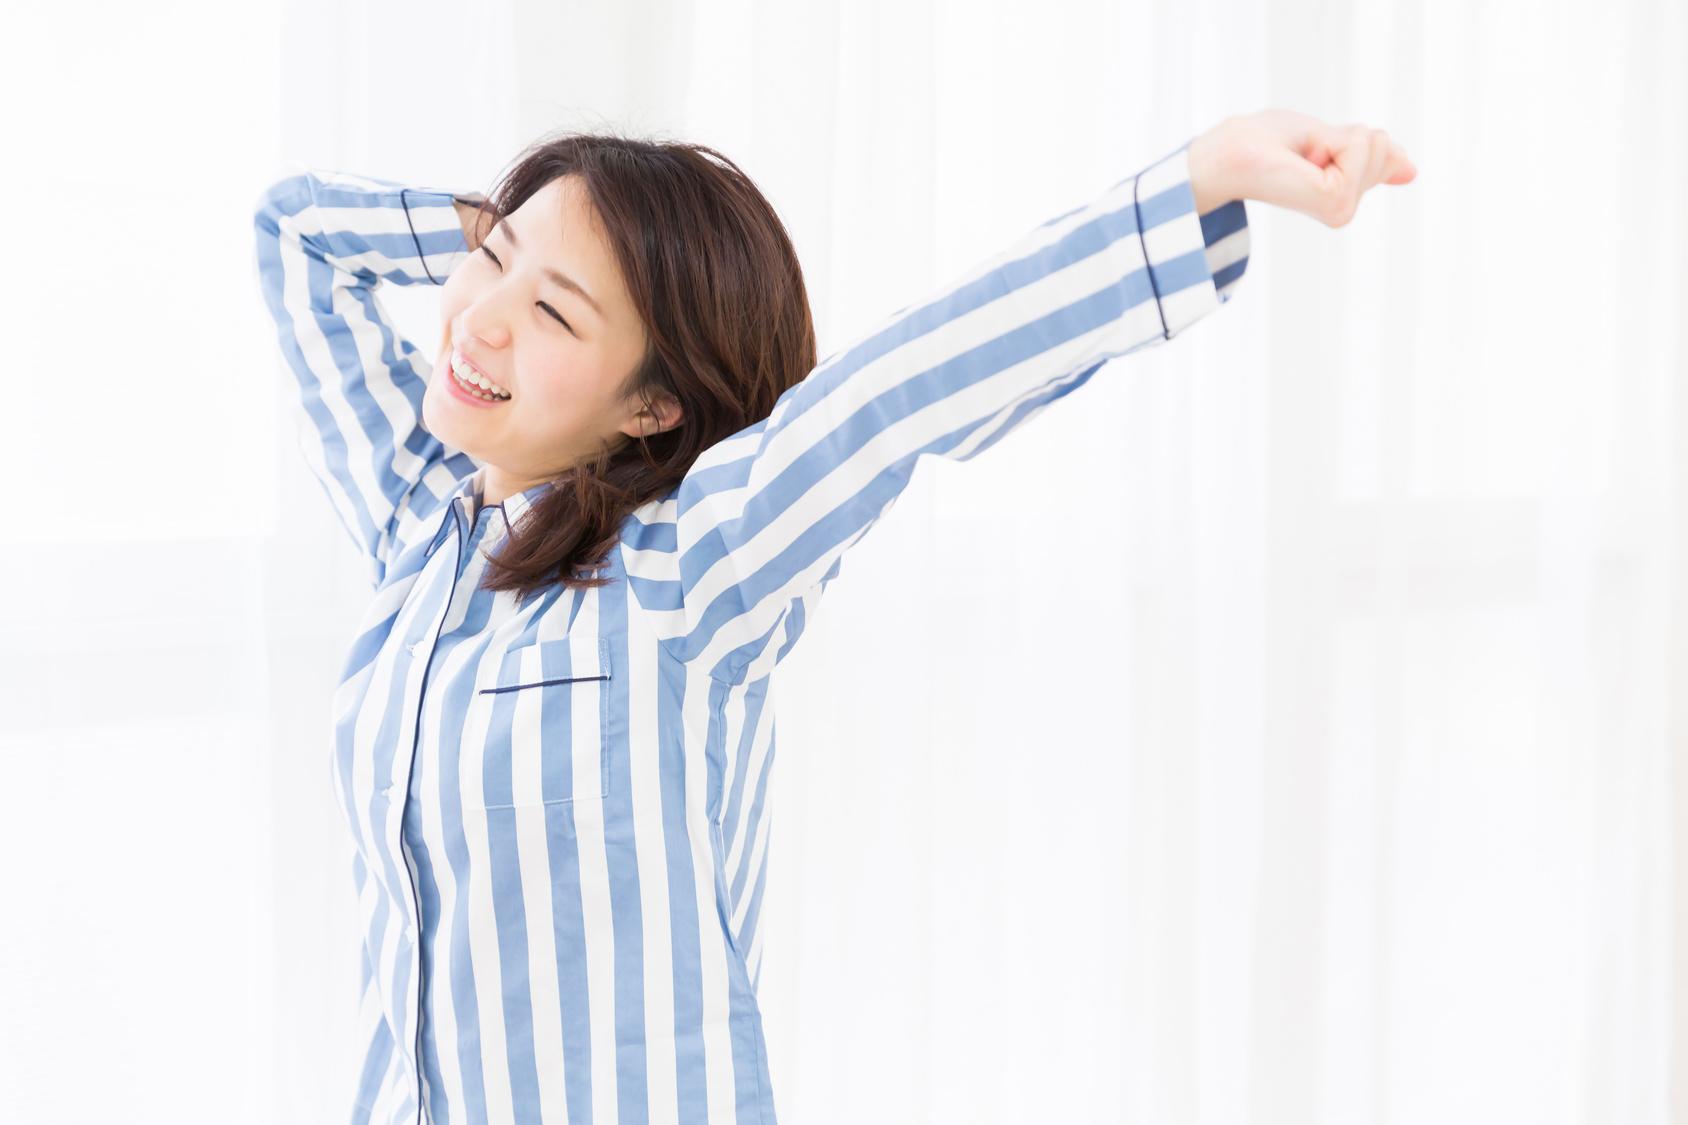 睡眠時間は生活リズムに合っていますか?